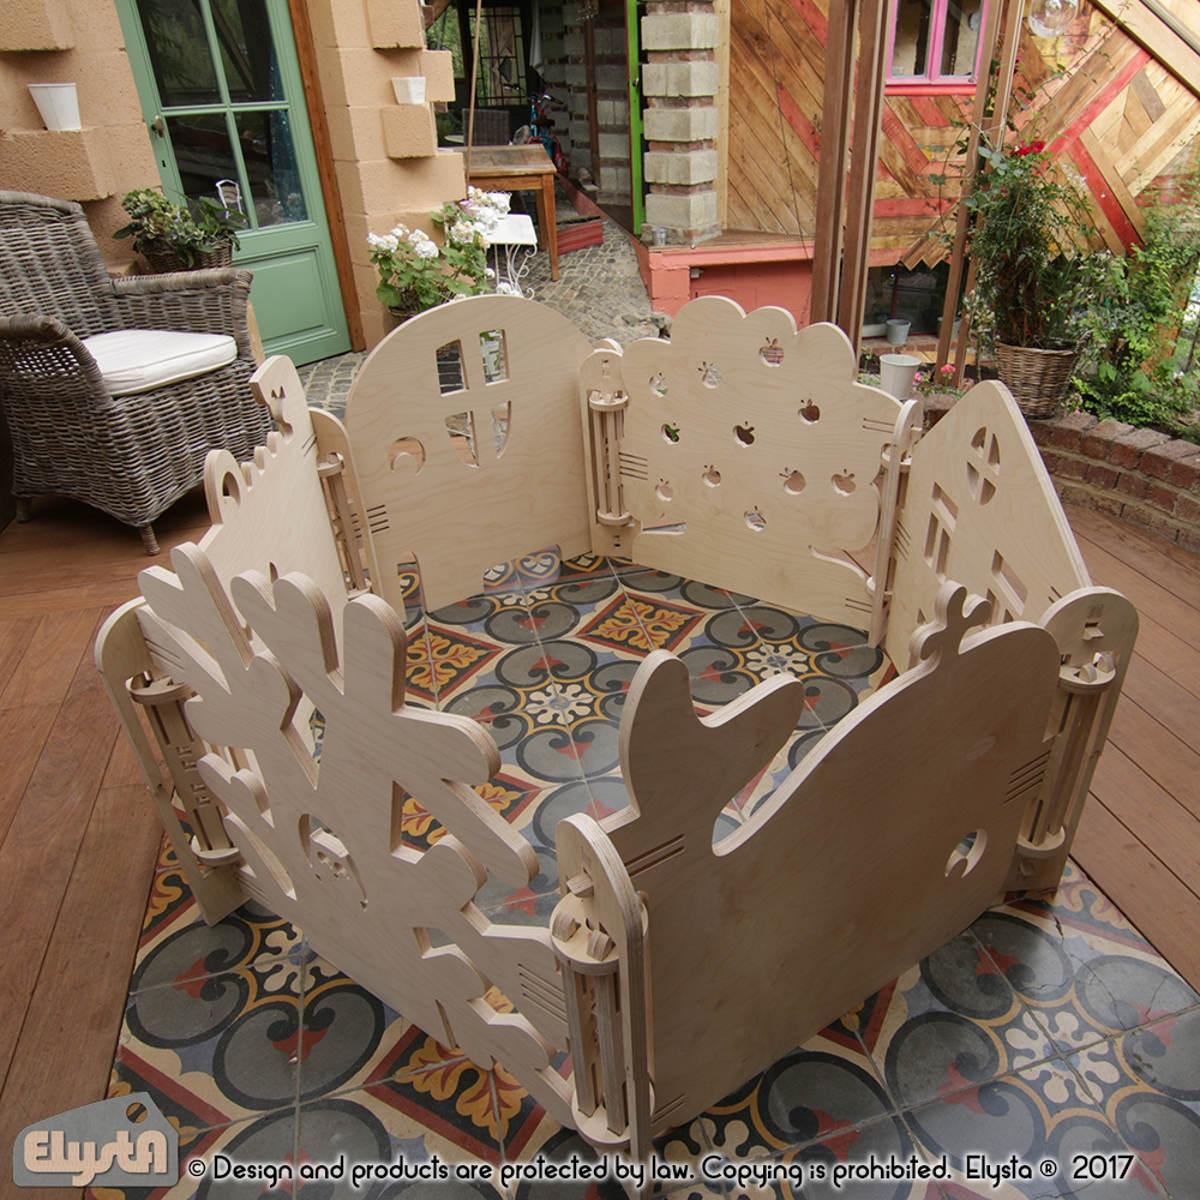 Meuble design belge barri re en bois maison elysta for Meuble design belge